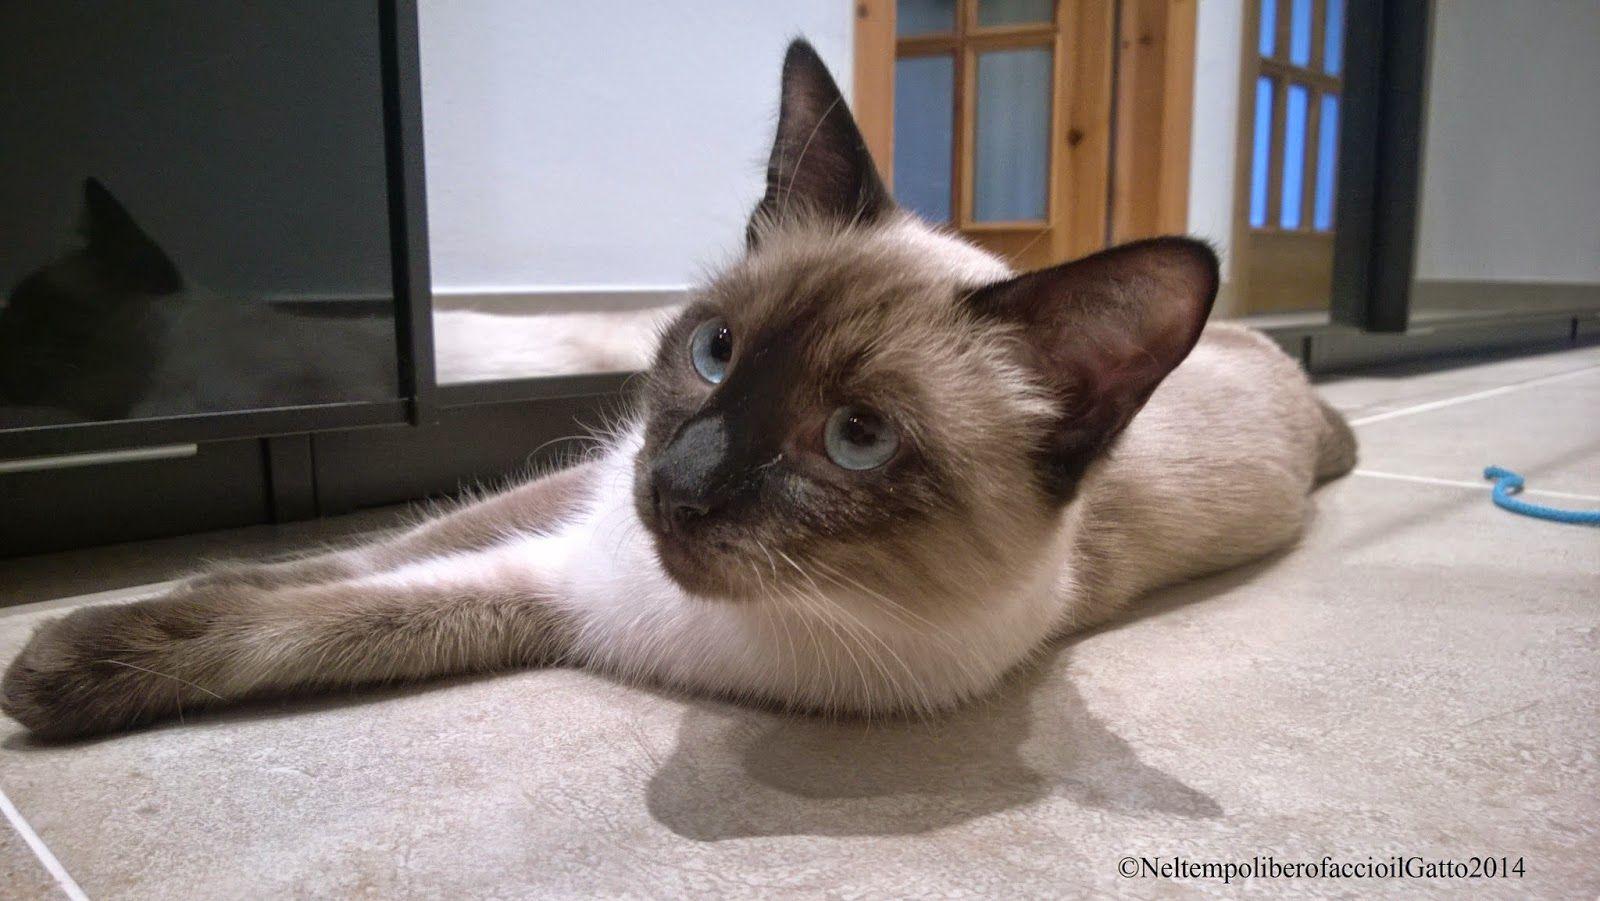 Nel tempo libero faccio il Gatto: Dietro le quinte di una foto d'autore